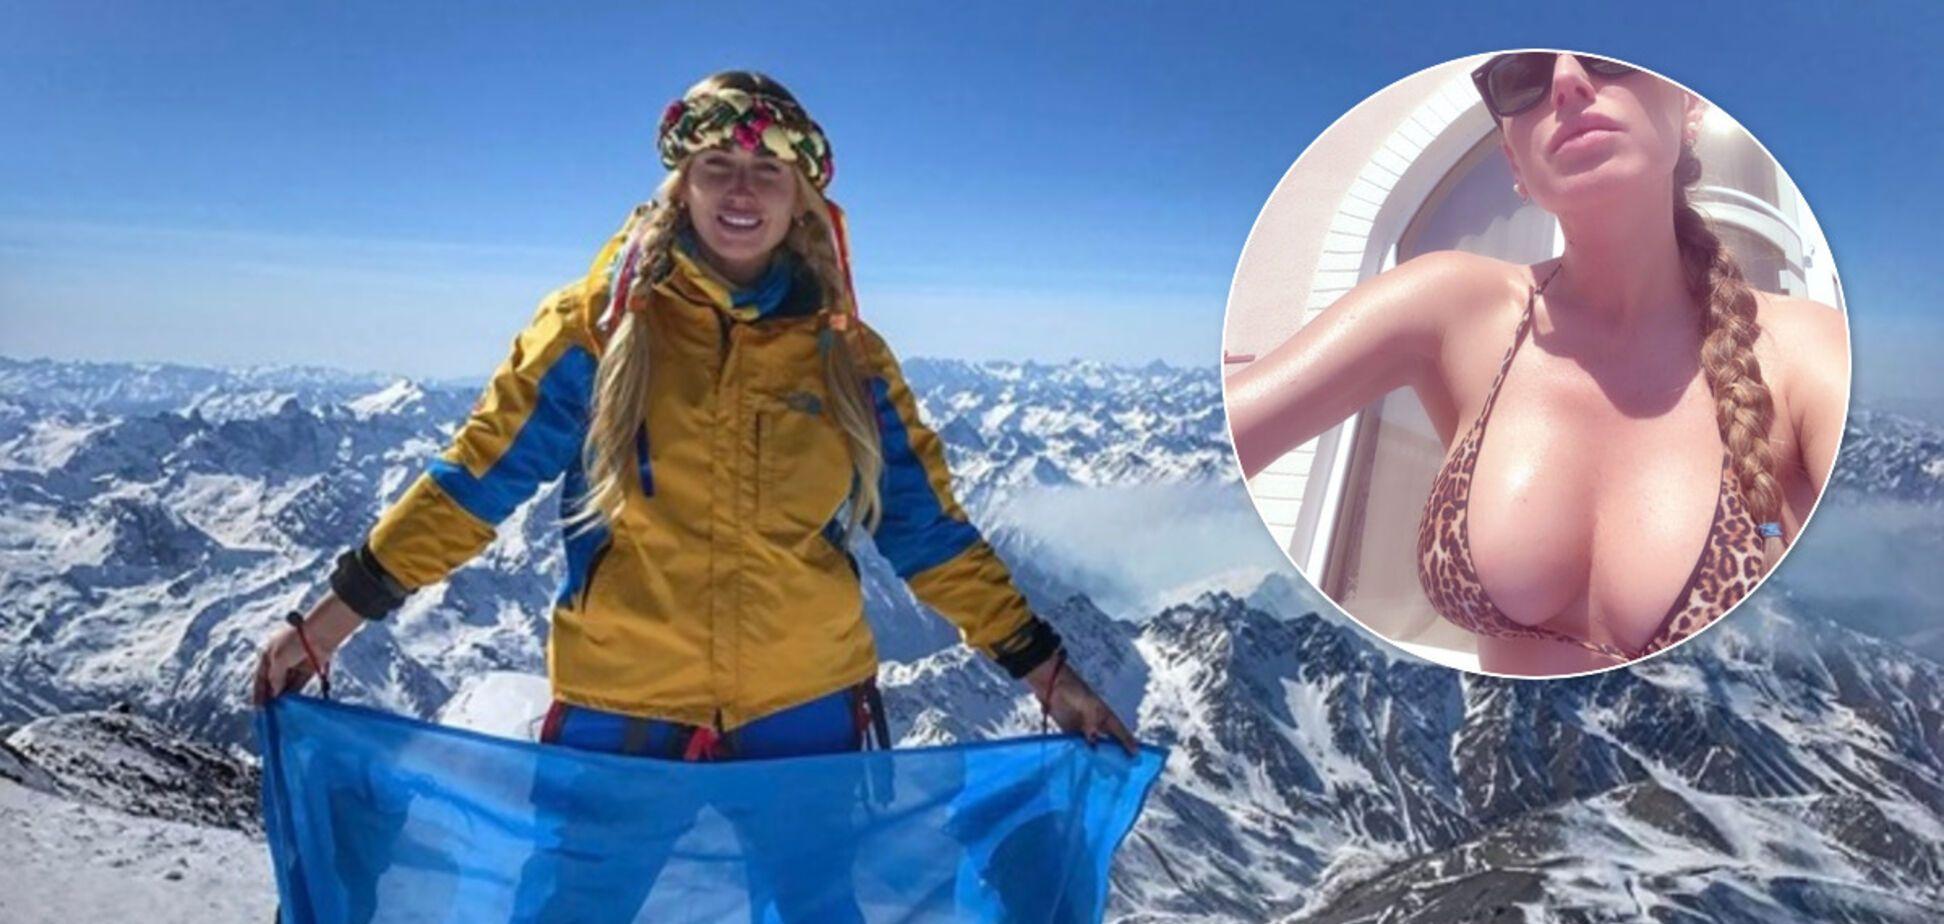 Украинская альпинистка Ирина Галай поразила сеть откровенным снимком